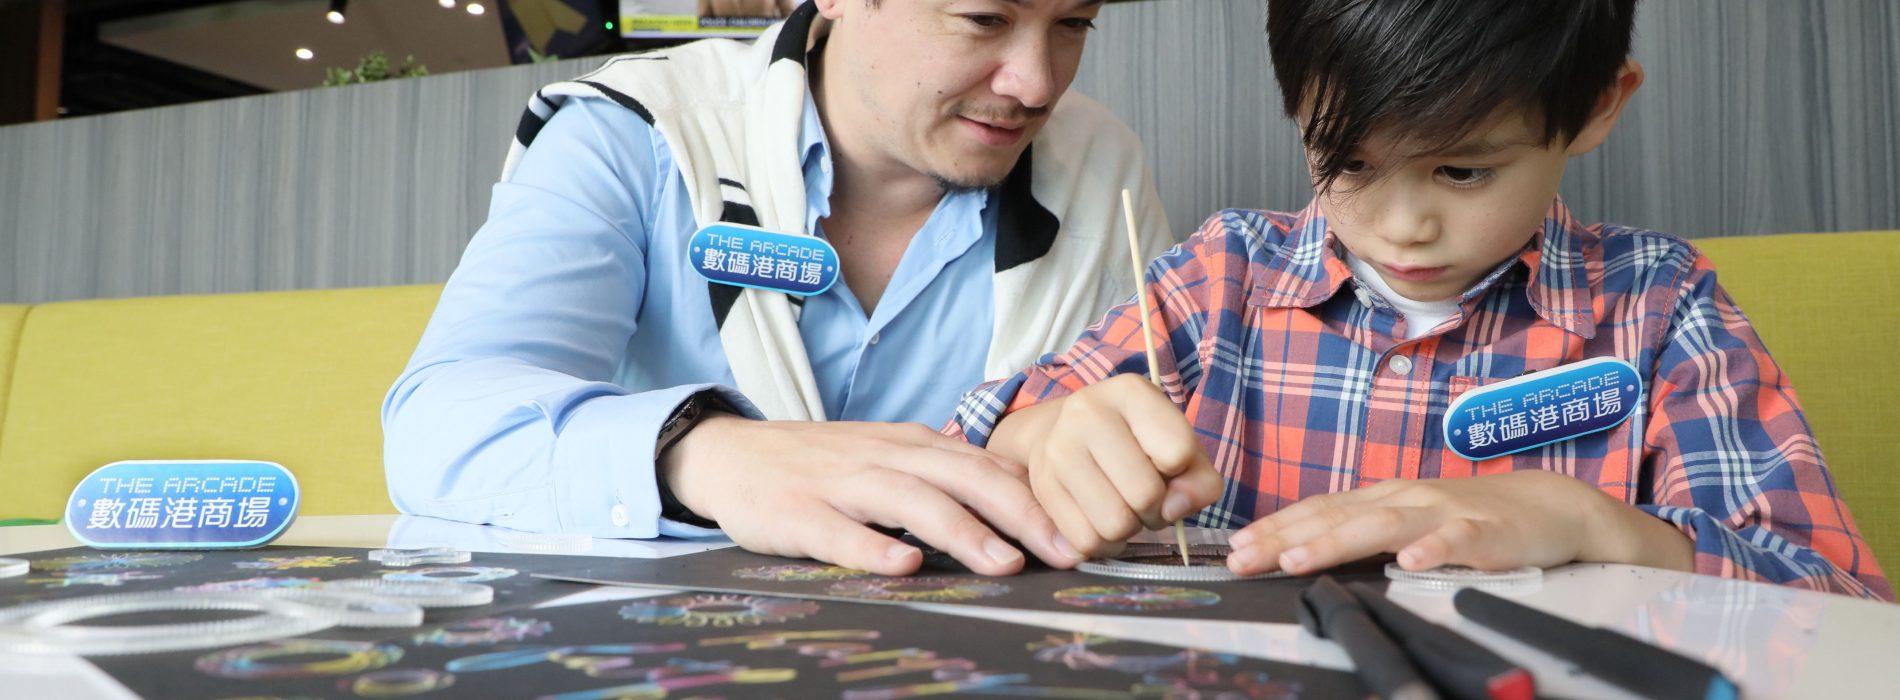 父親節週末與爸爸於數碼港「STEM碼學堂」一同動腦筋【6月17-18日】